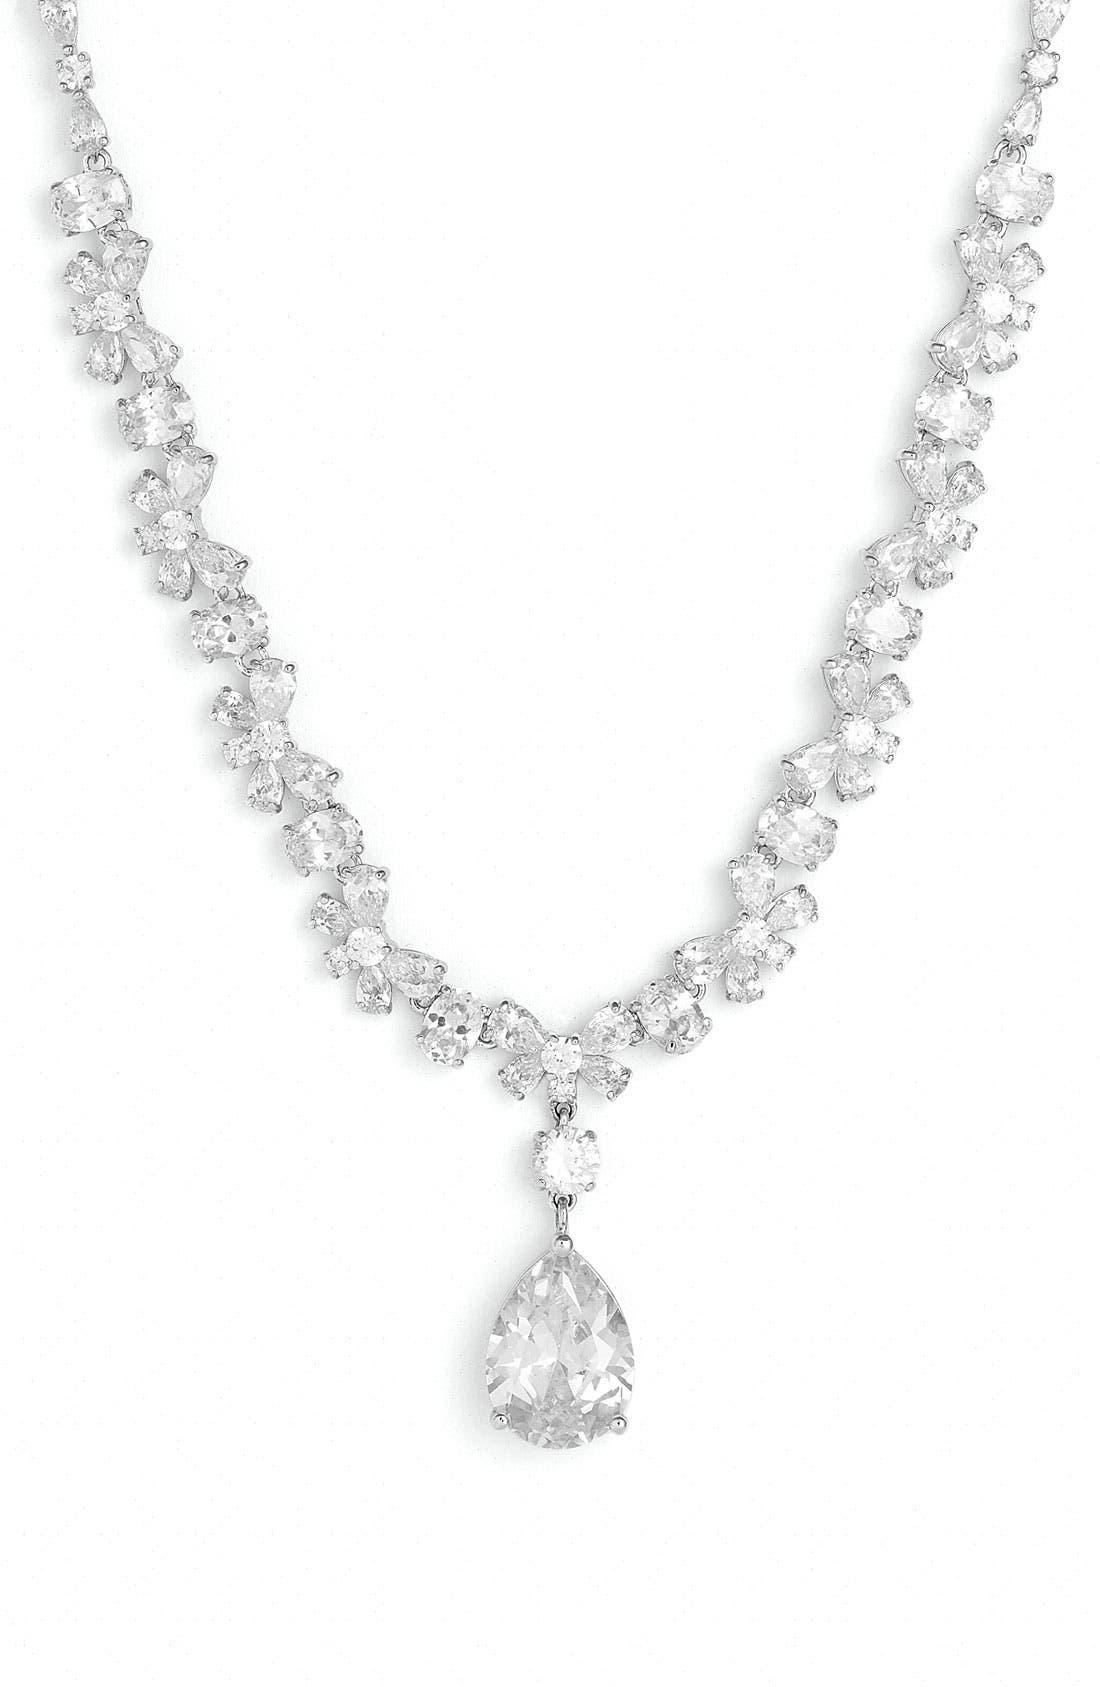 Main Image - Tasha Cubic Zirconia Pear Drop Necklace